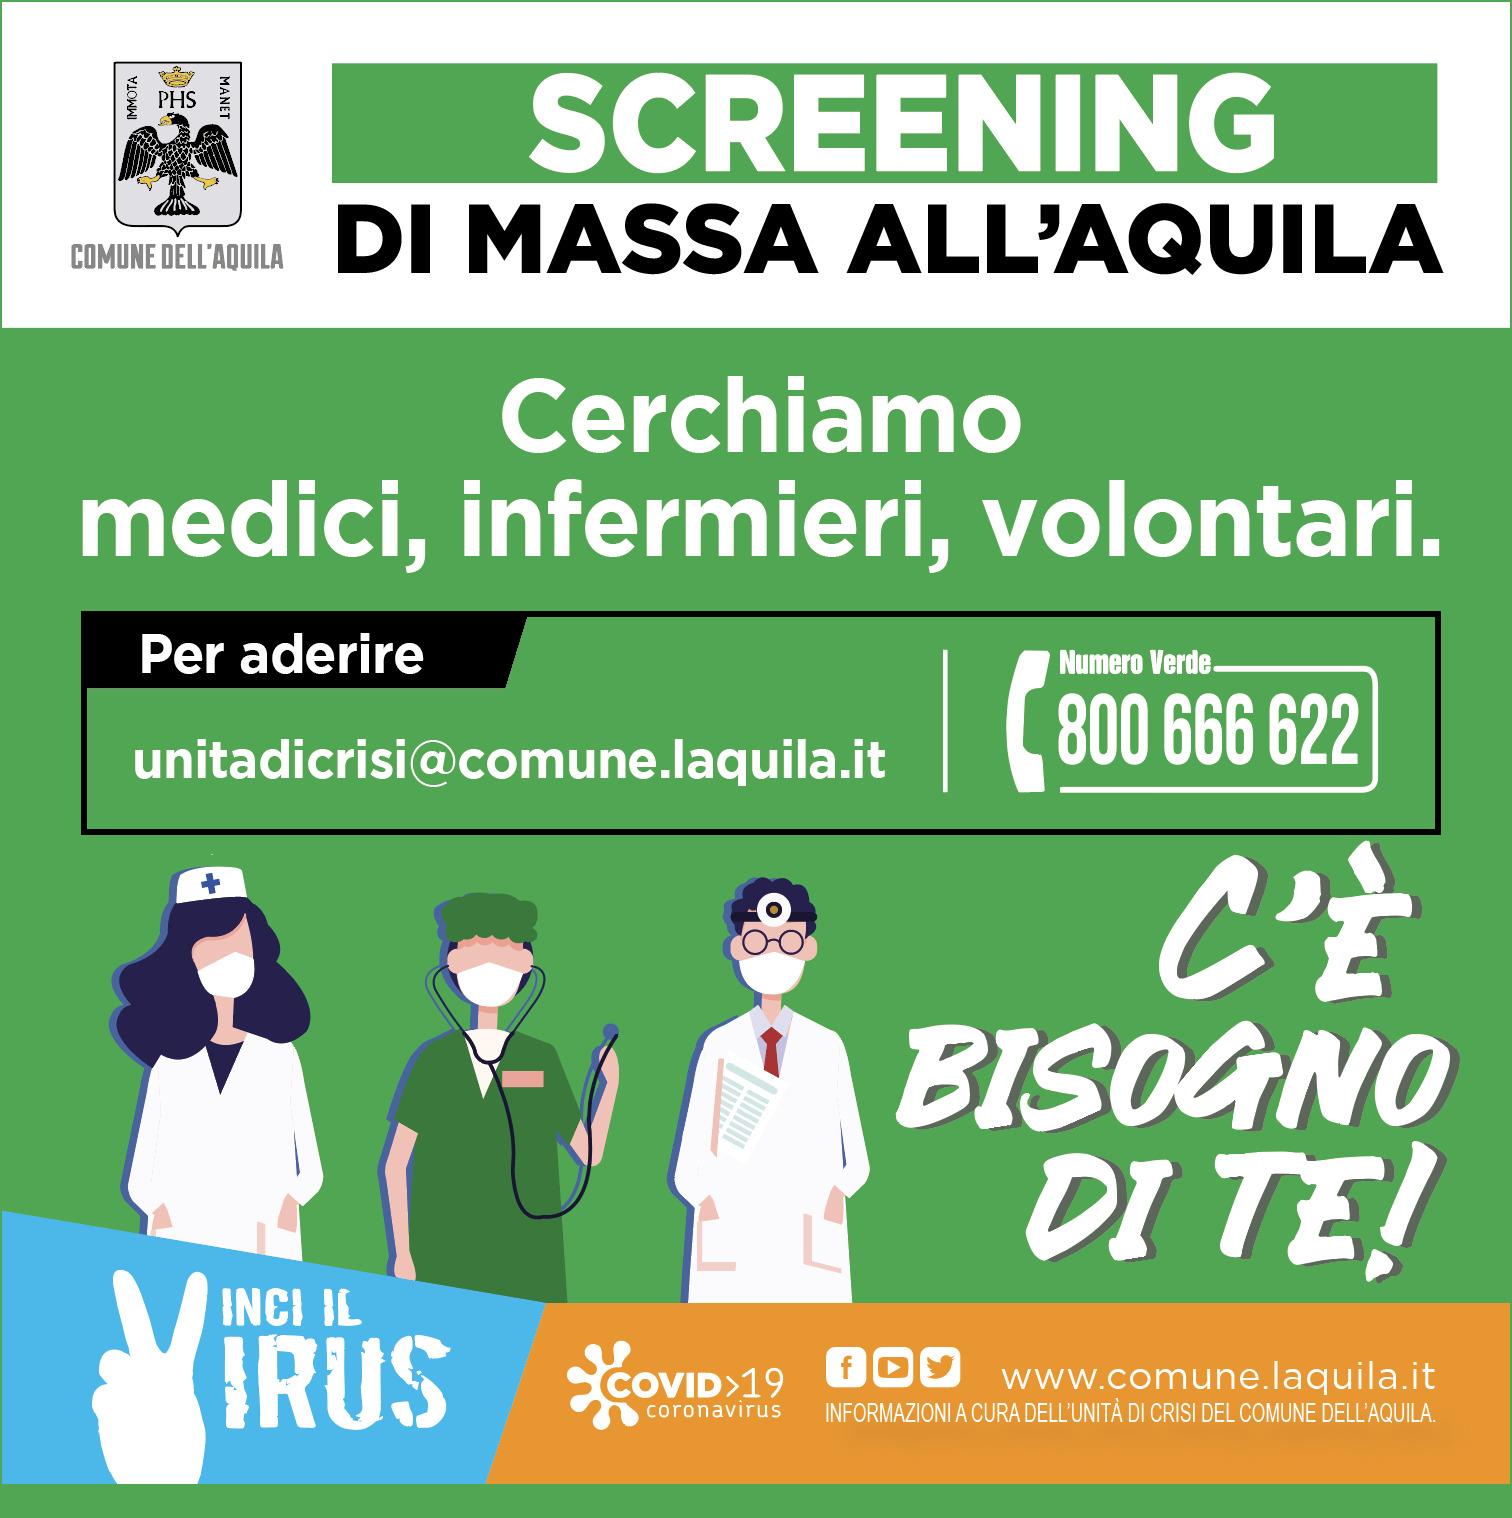 sanitari e volontari per screening